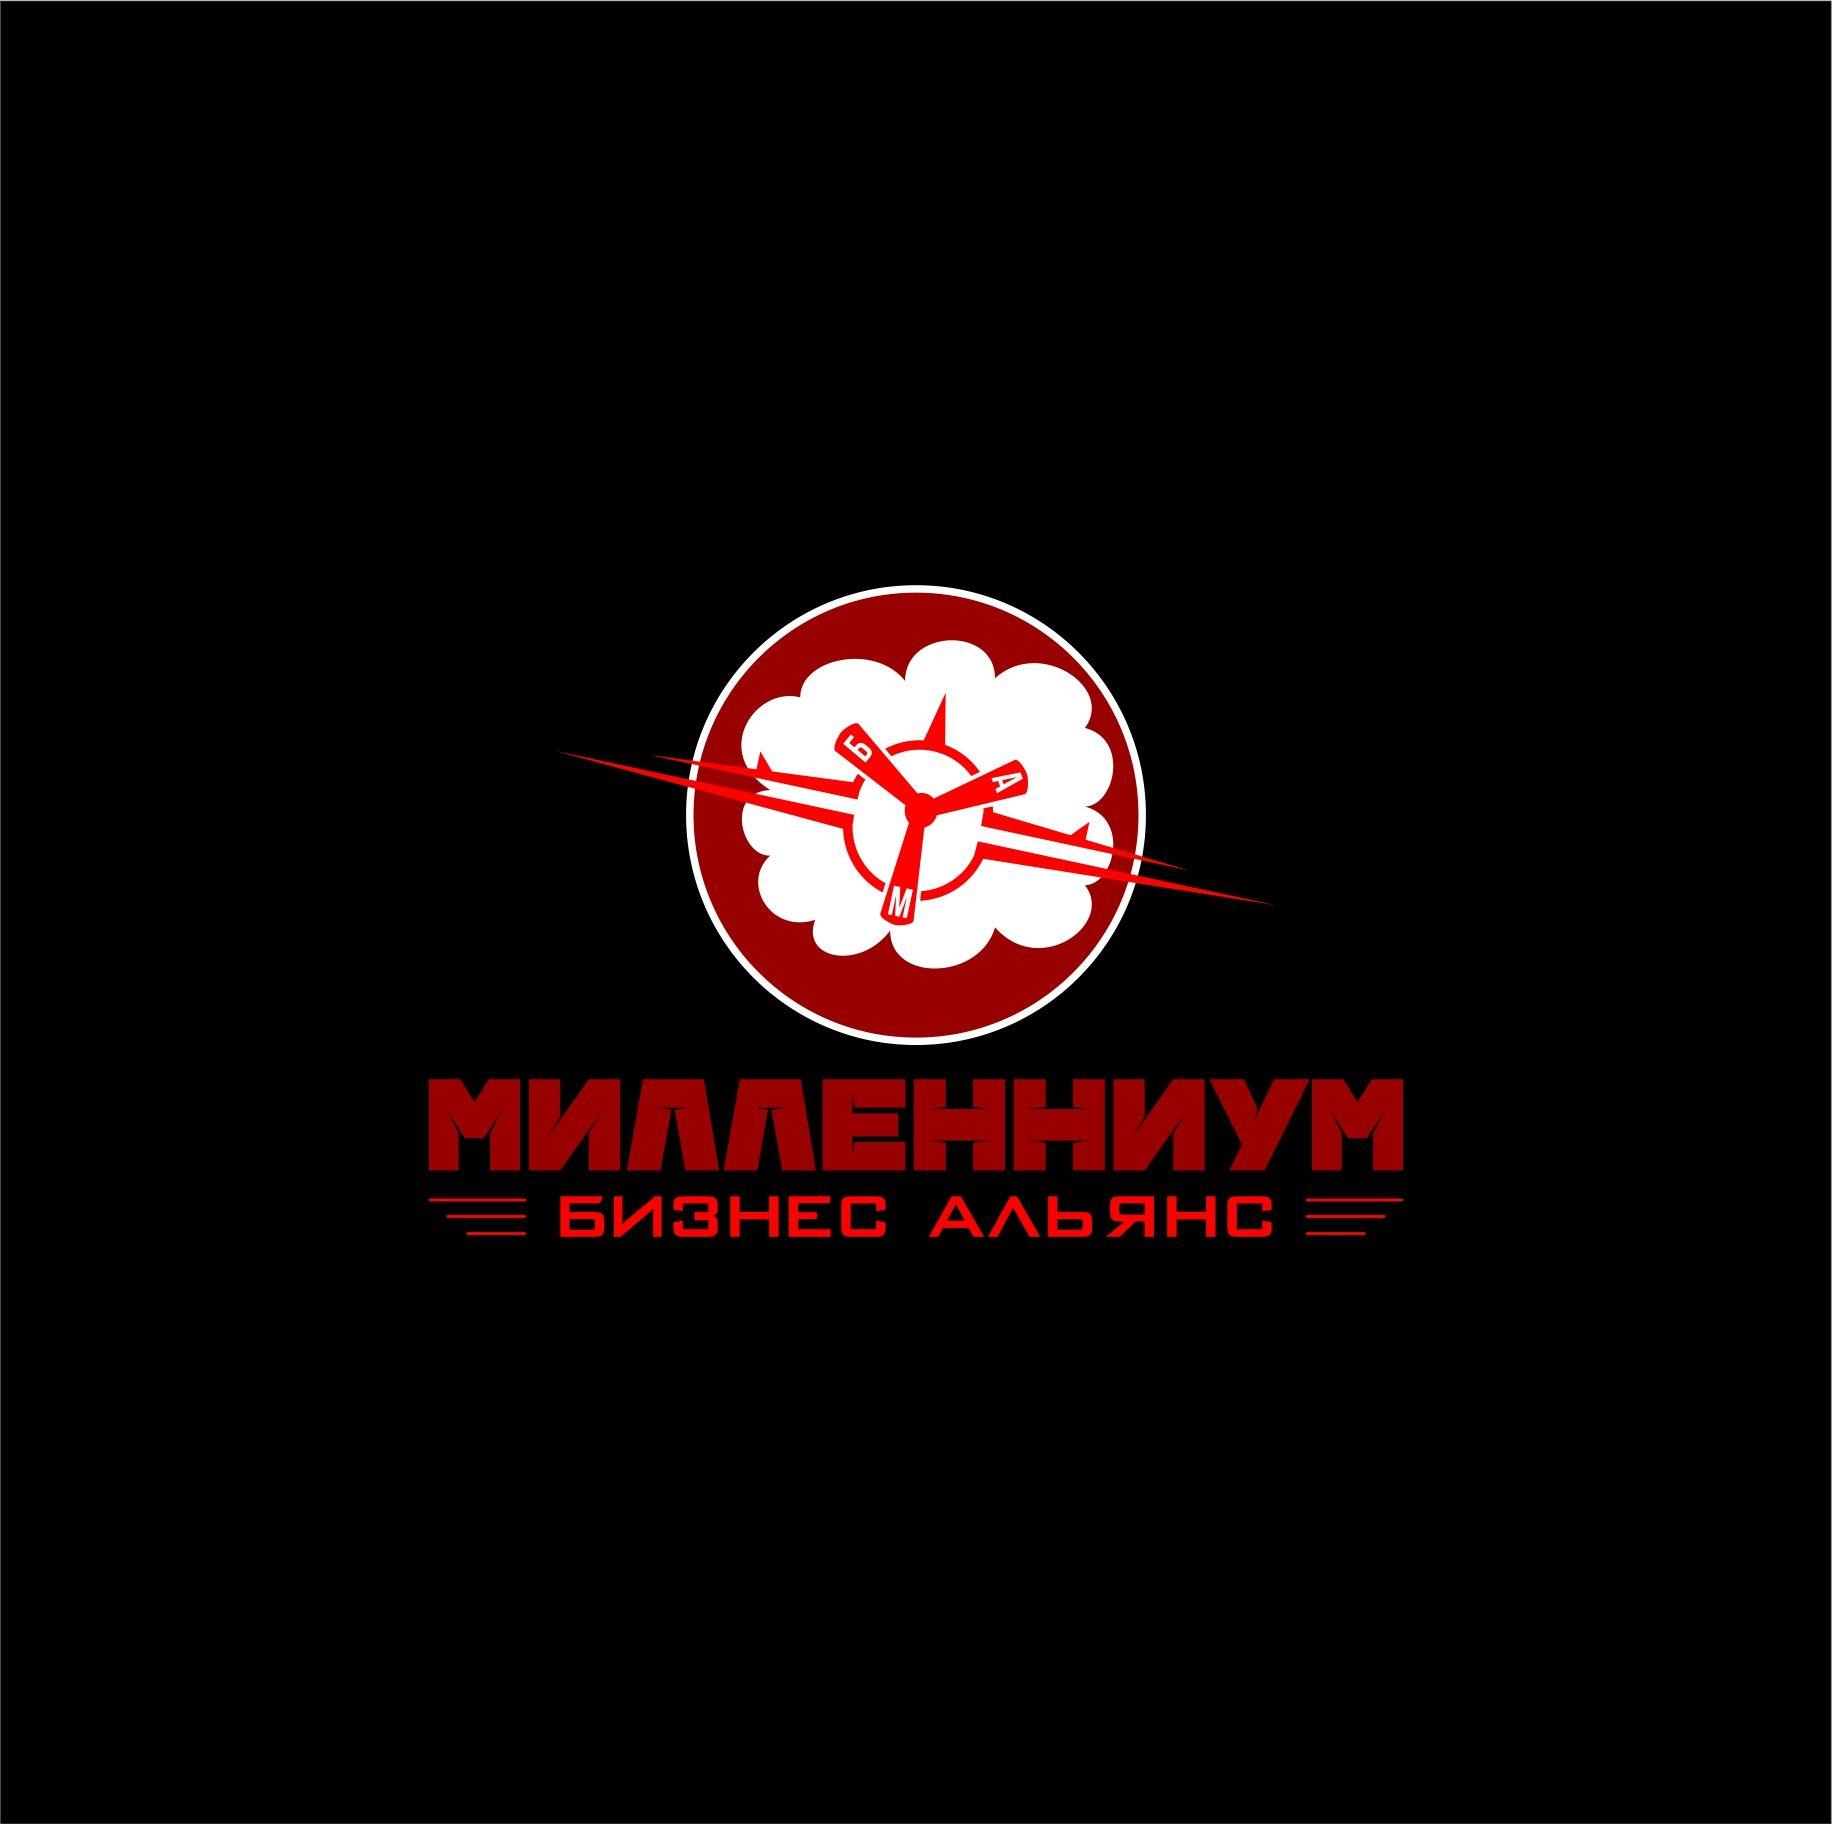 Бизнес Альянс Милленниум - дизайнер hsochi